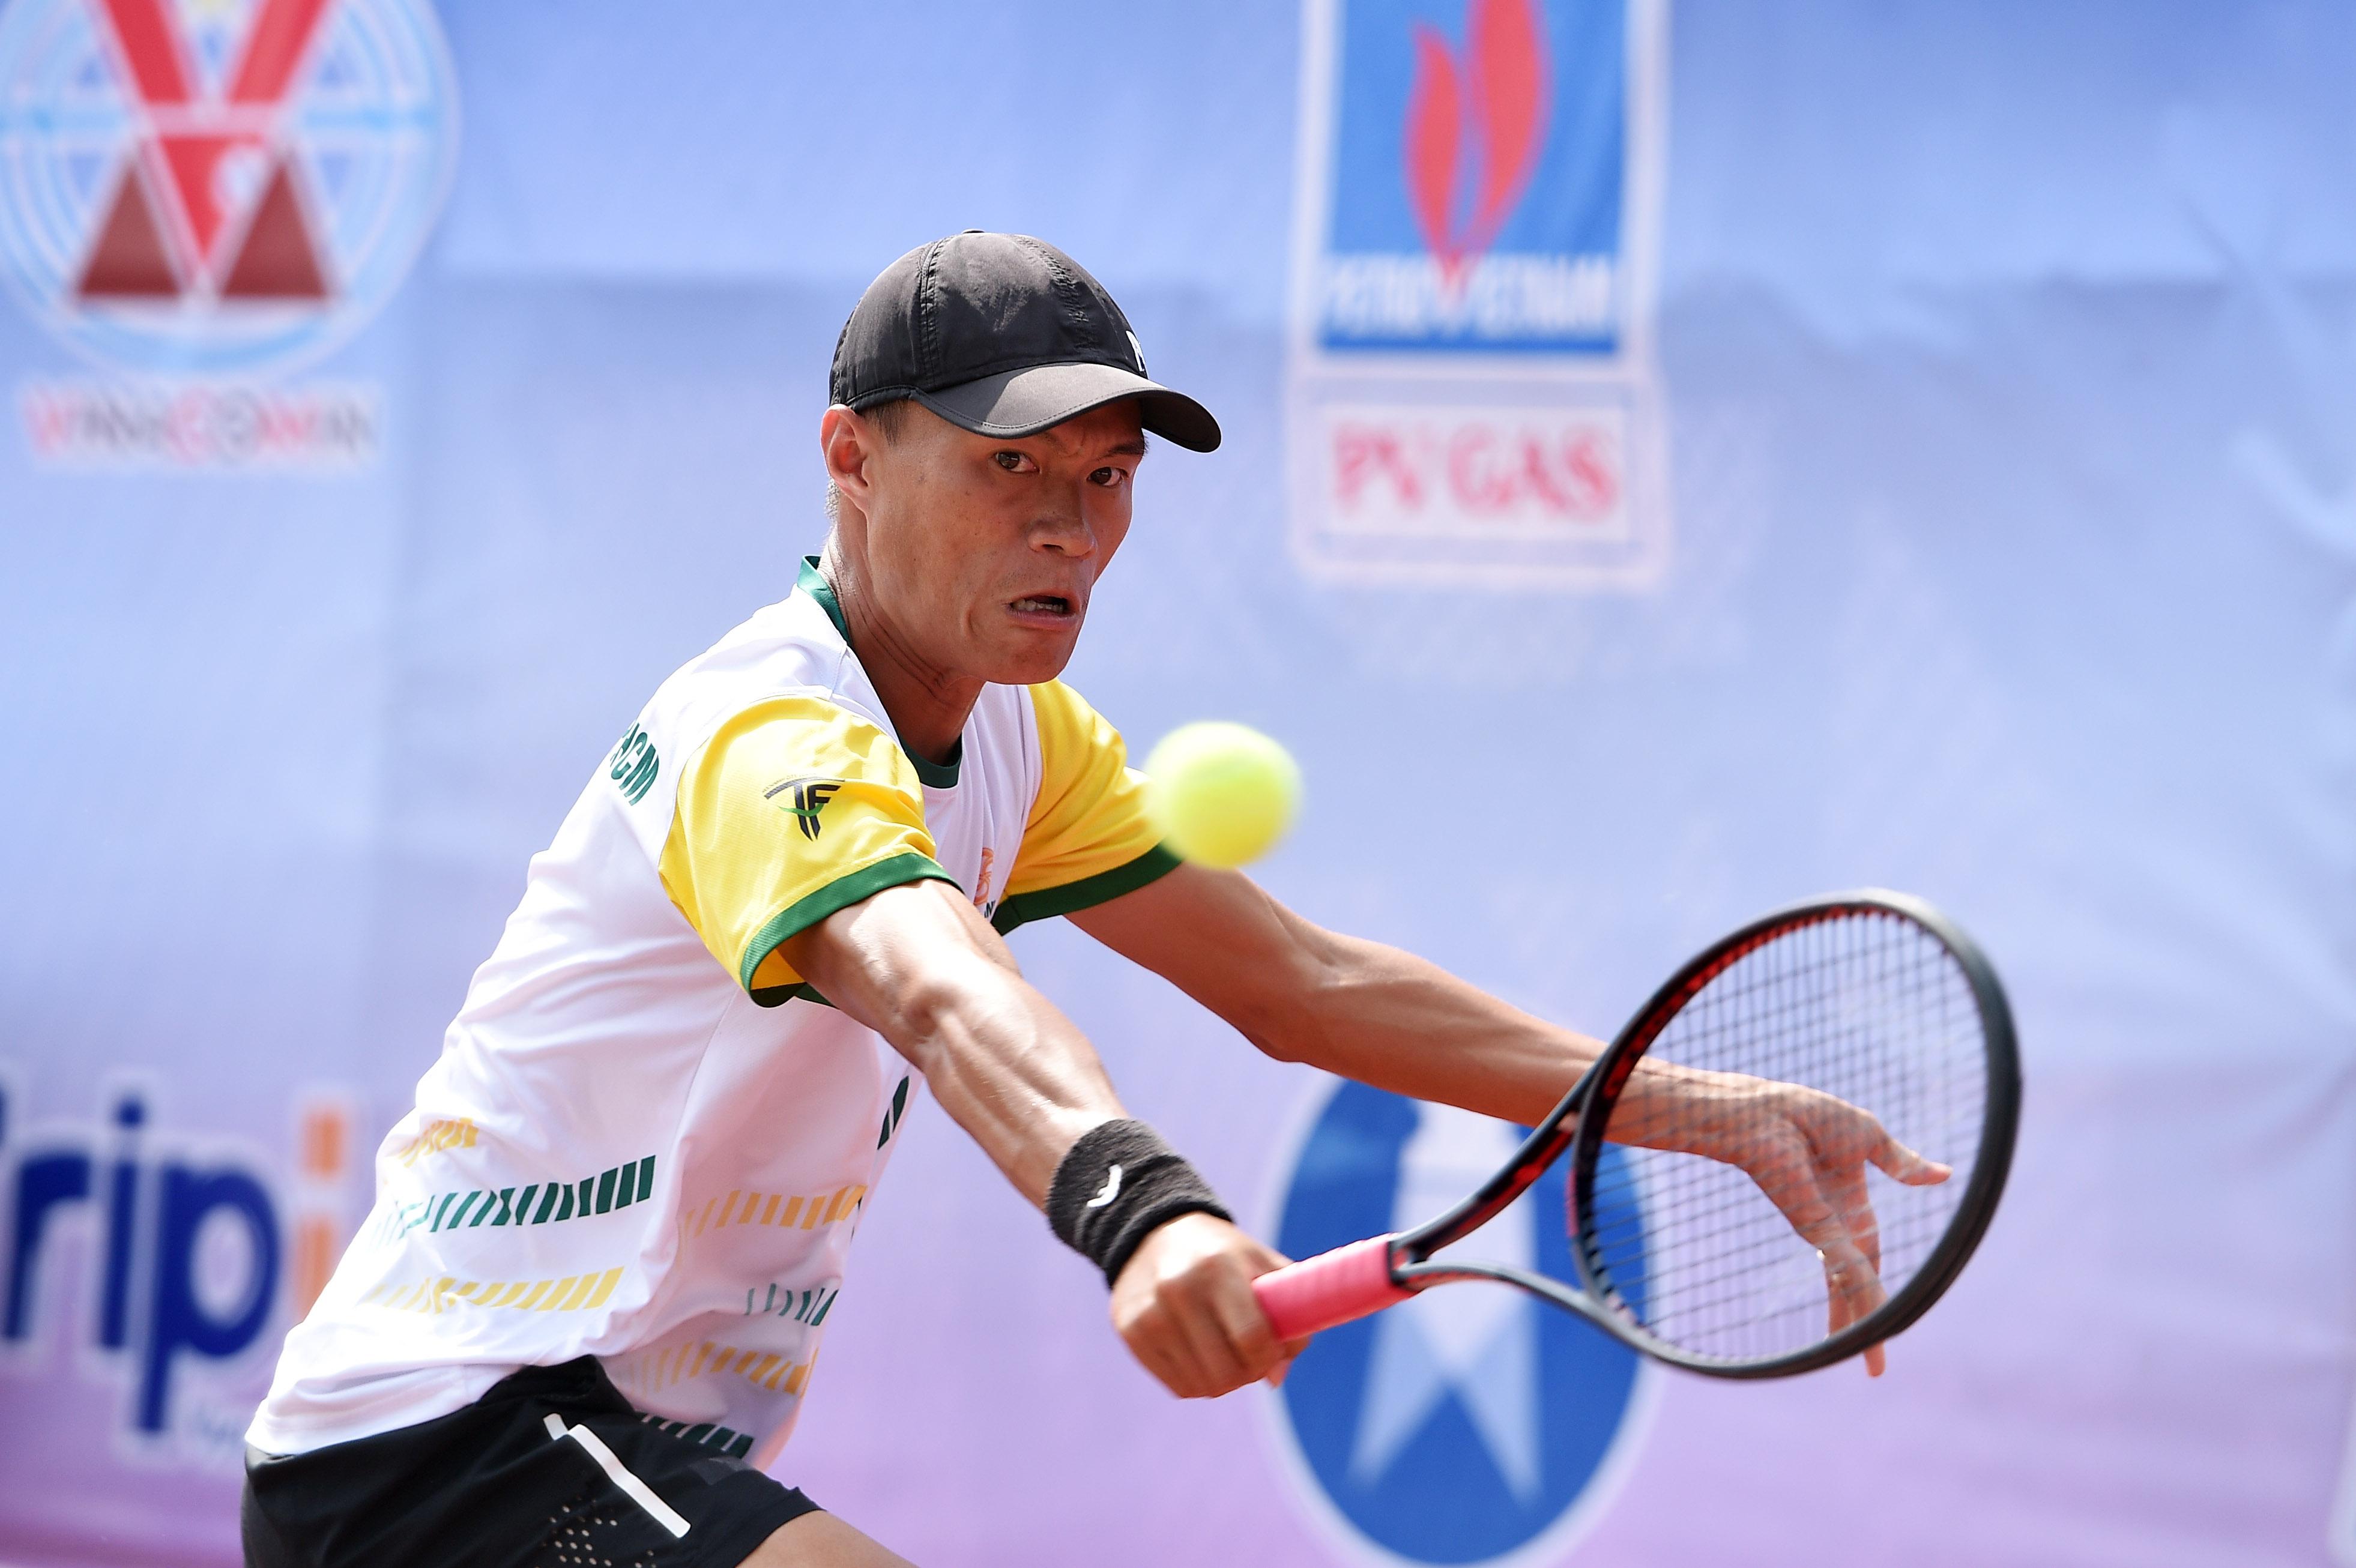 Hình ảnh: Nữ Hưng Thịnh TP.HCM đăng quang Giải quần vợt vô địch đồng đội Quốc gia 2021 số 4